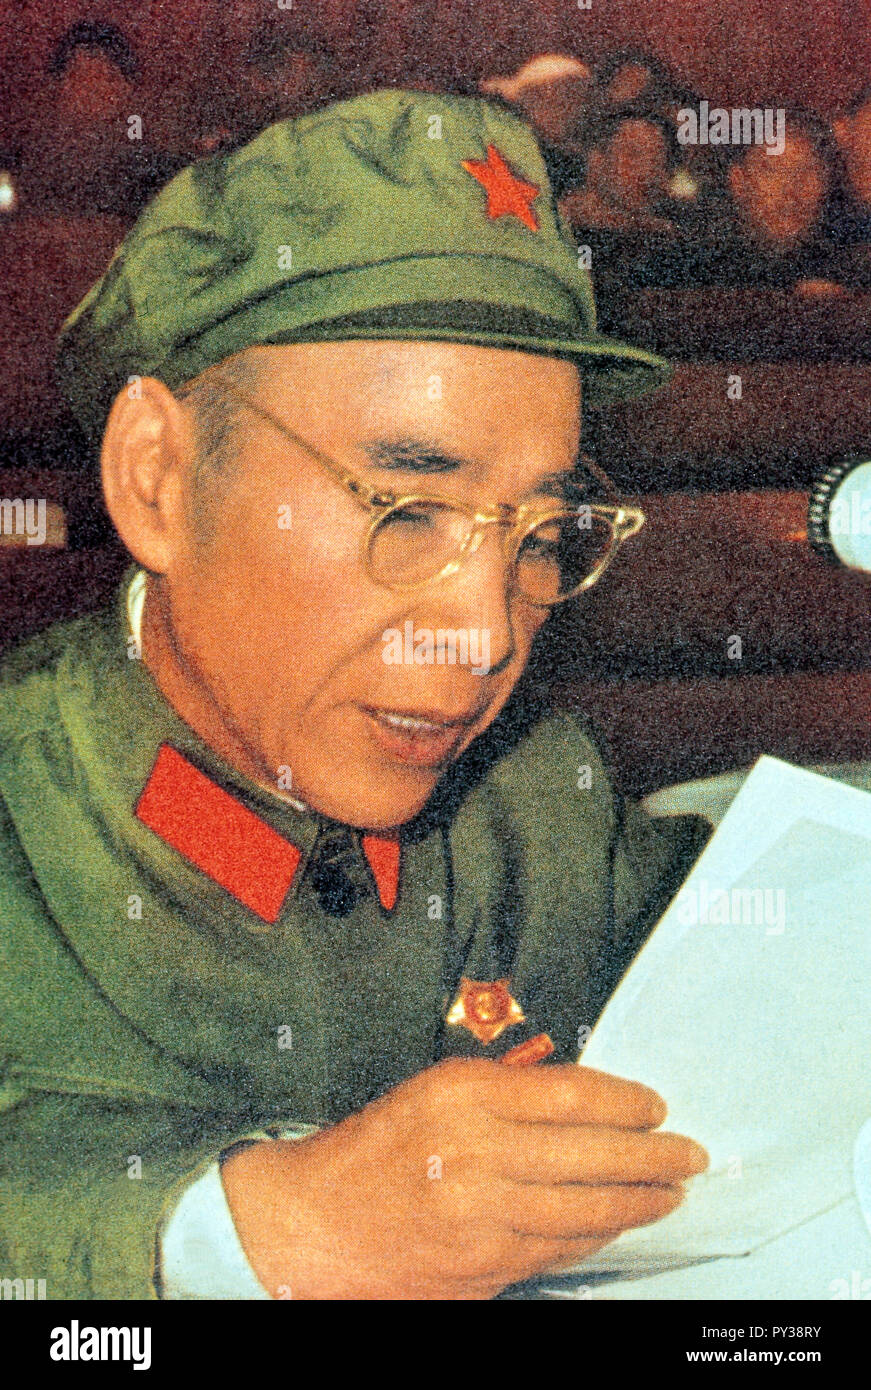 lin biao - Stock Image